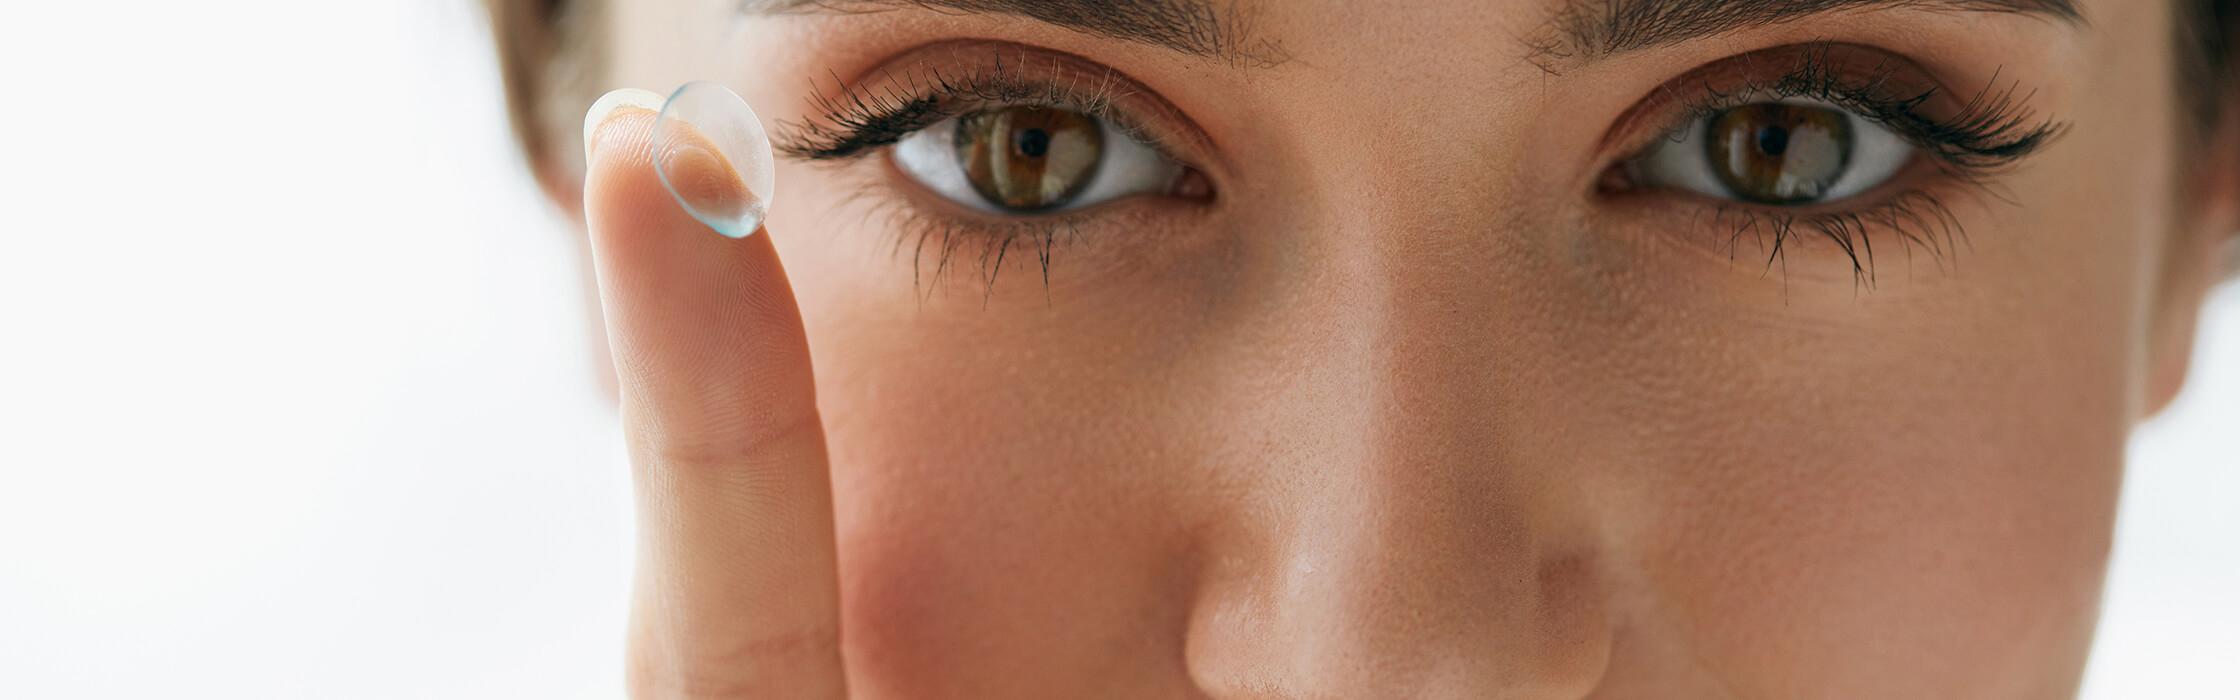 Mejores lentillas para los ojos secos